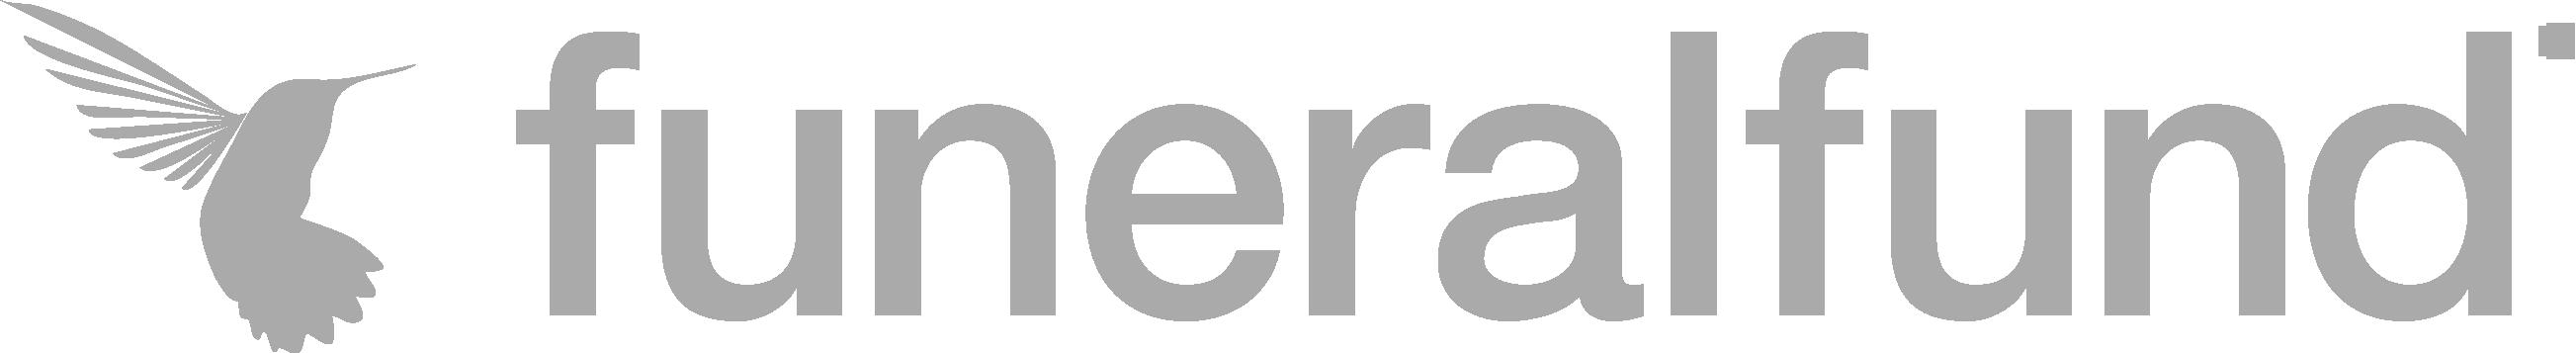 funeralfund logo